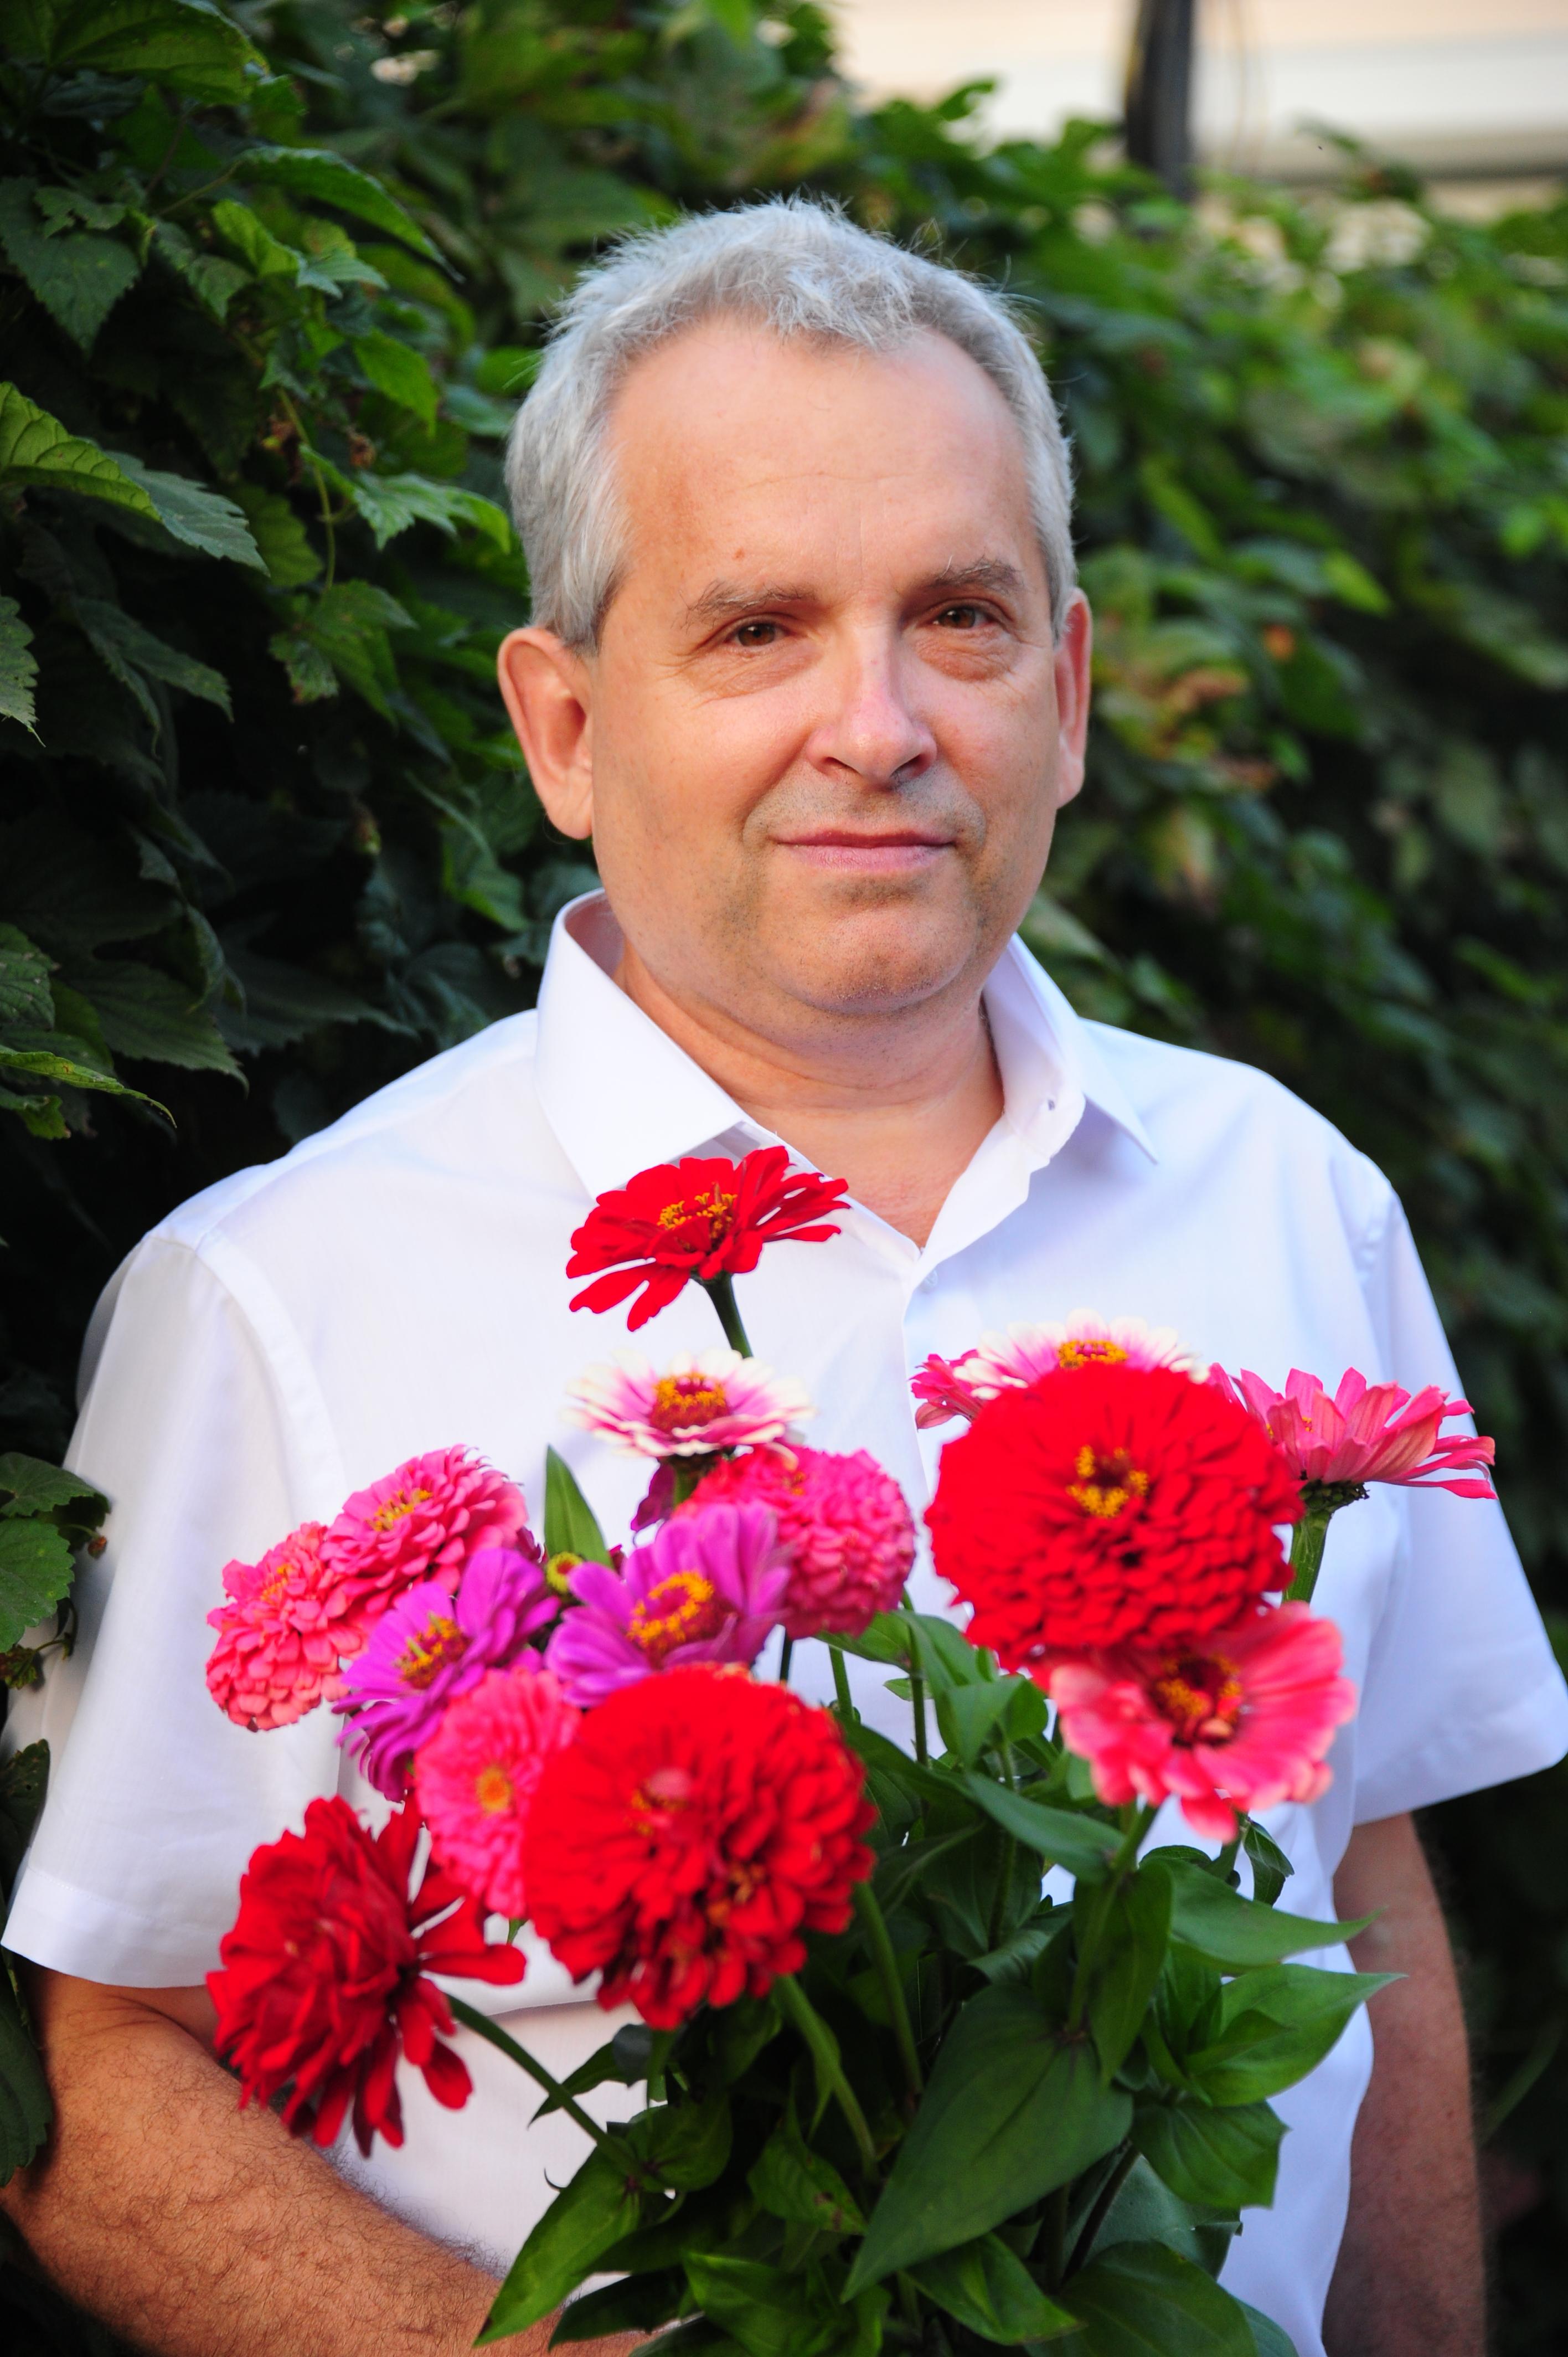 На фото: Биография Андрея Малышева, автор: Андрей